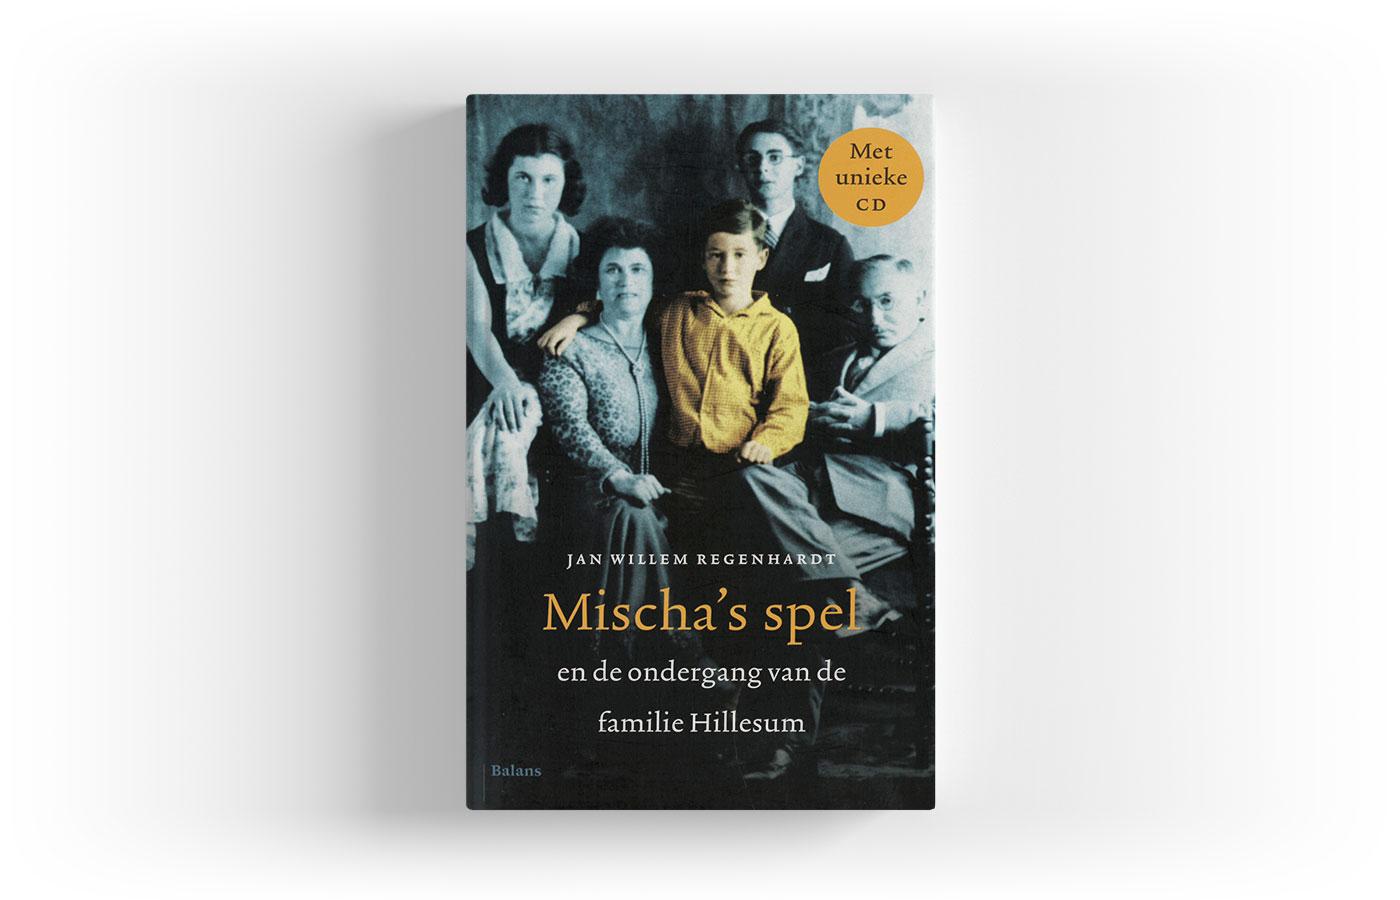 Mischa's spel en de ondergang van de familie Hillesum